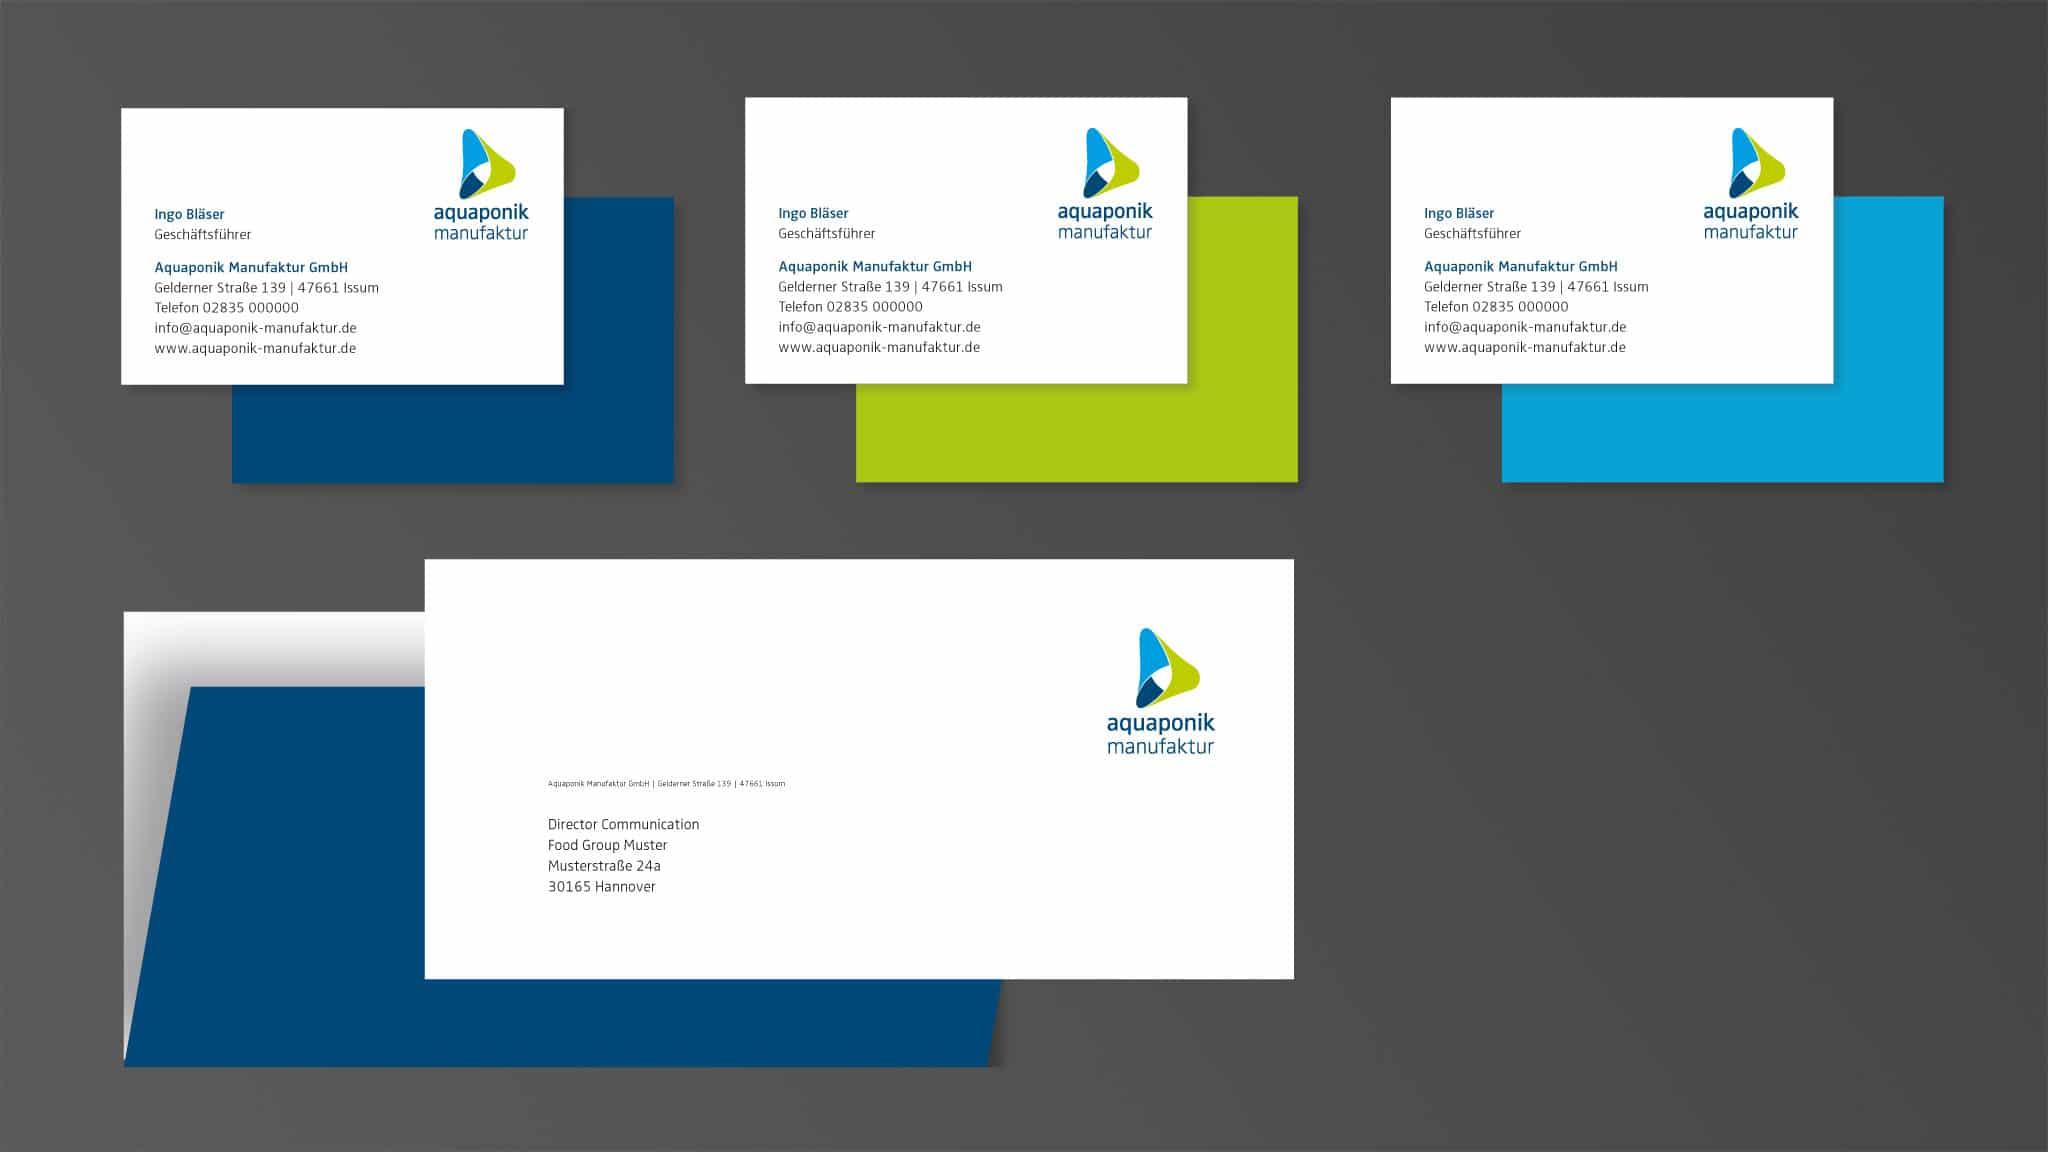 Briefpapiere für die Aquaponik Manufaktur